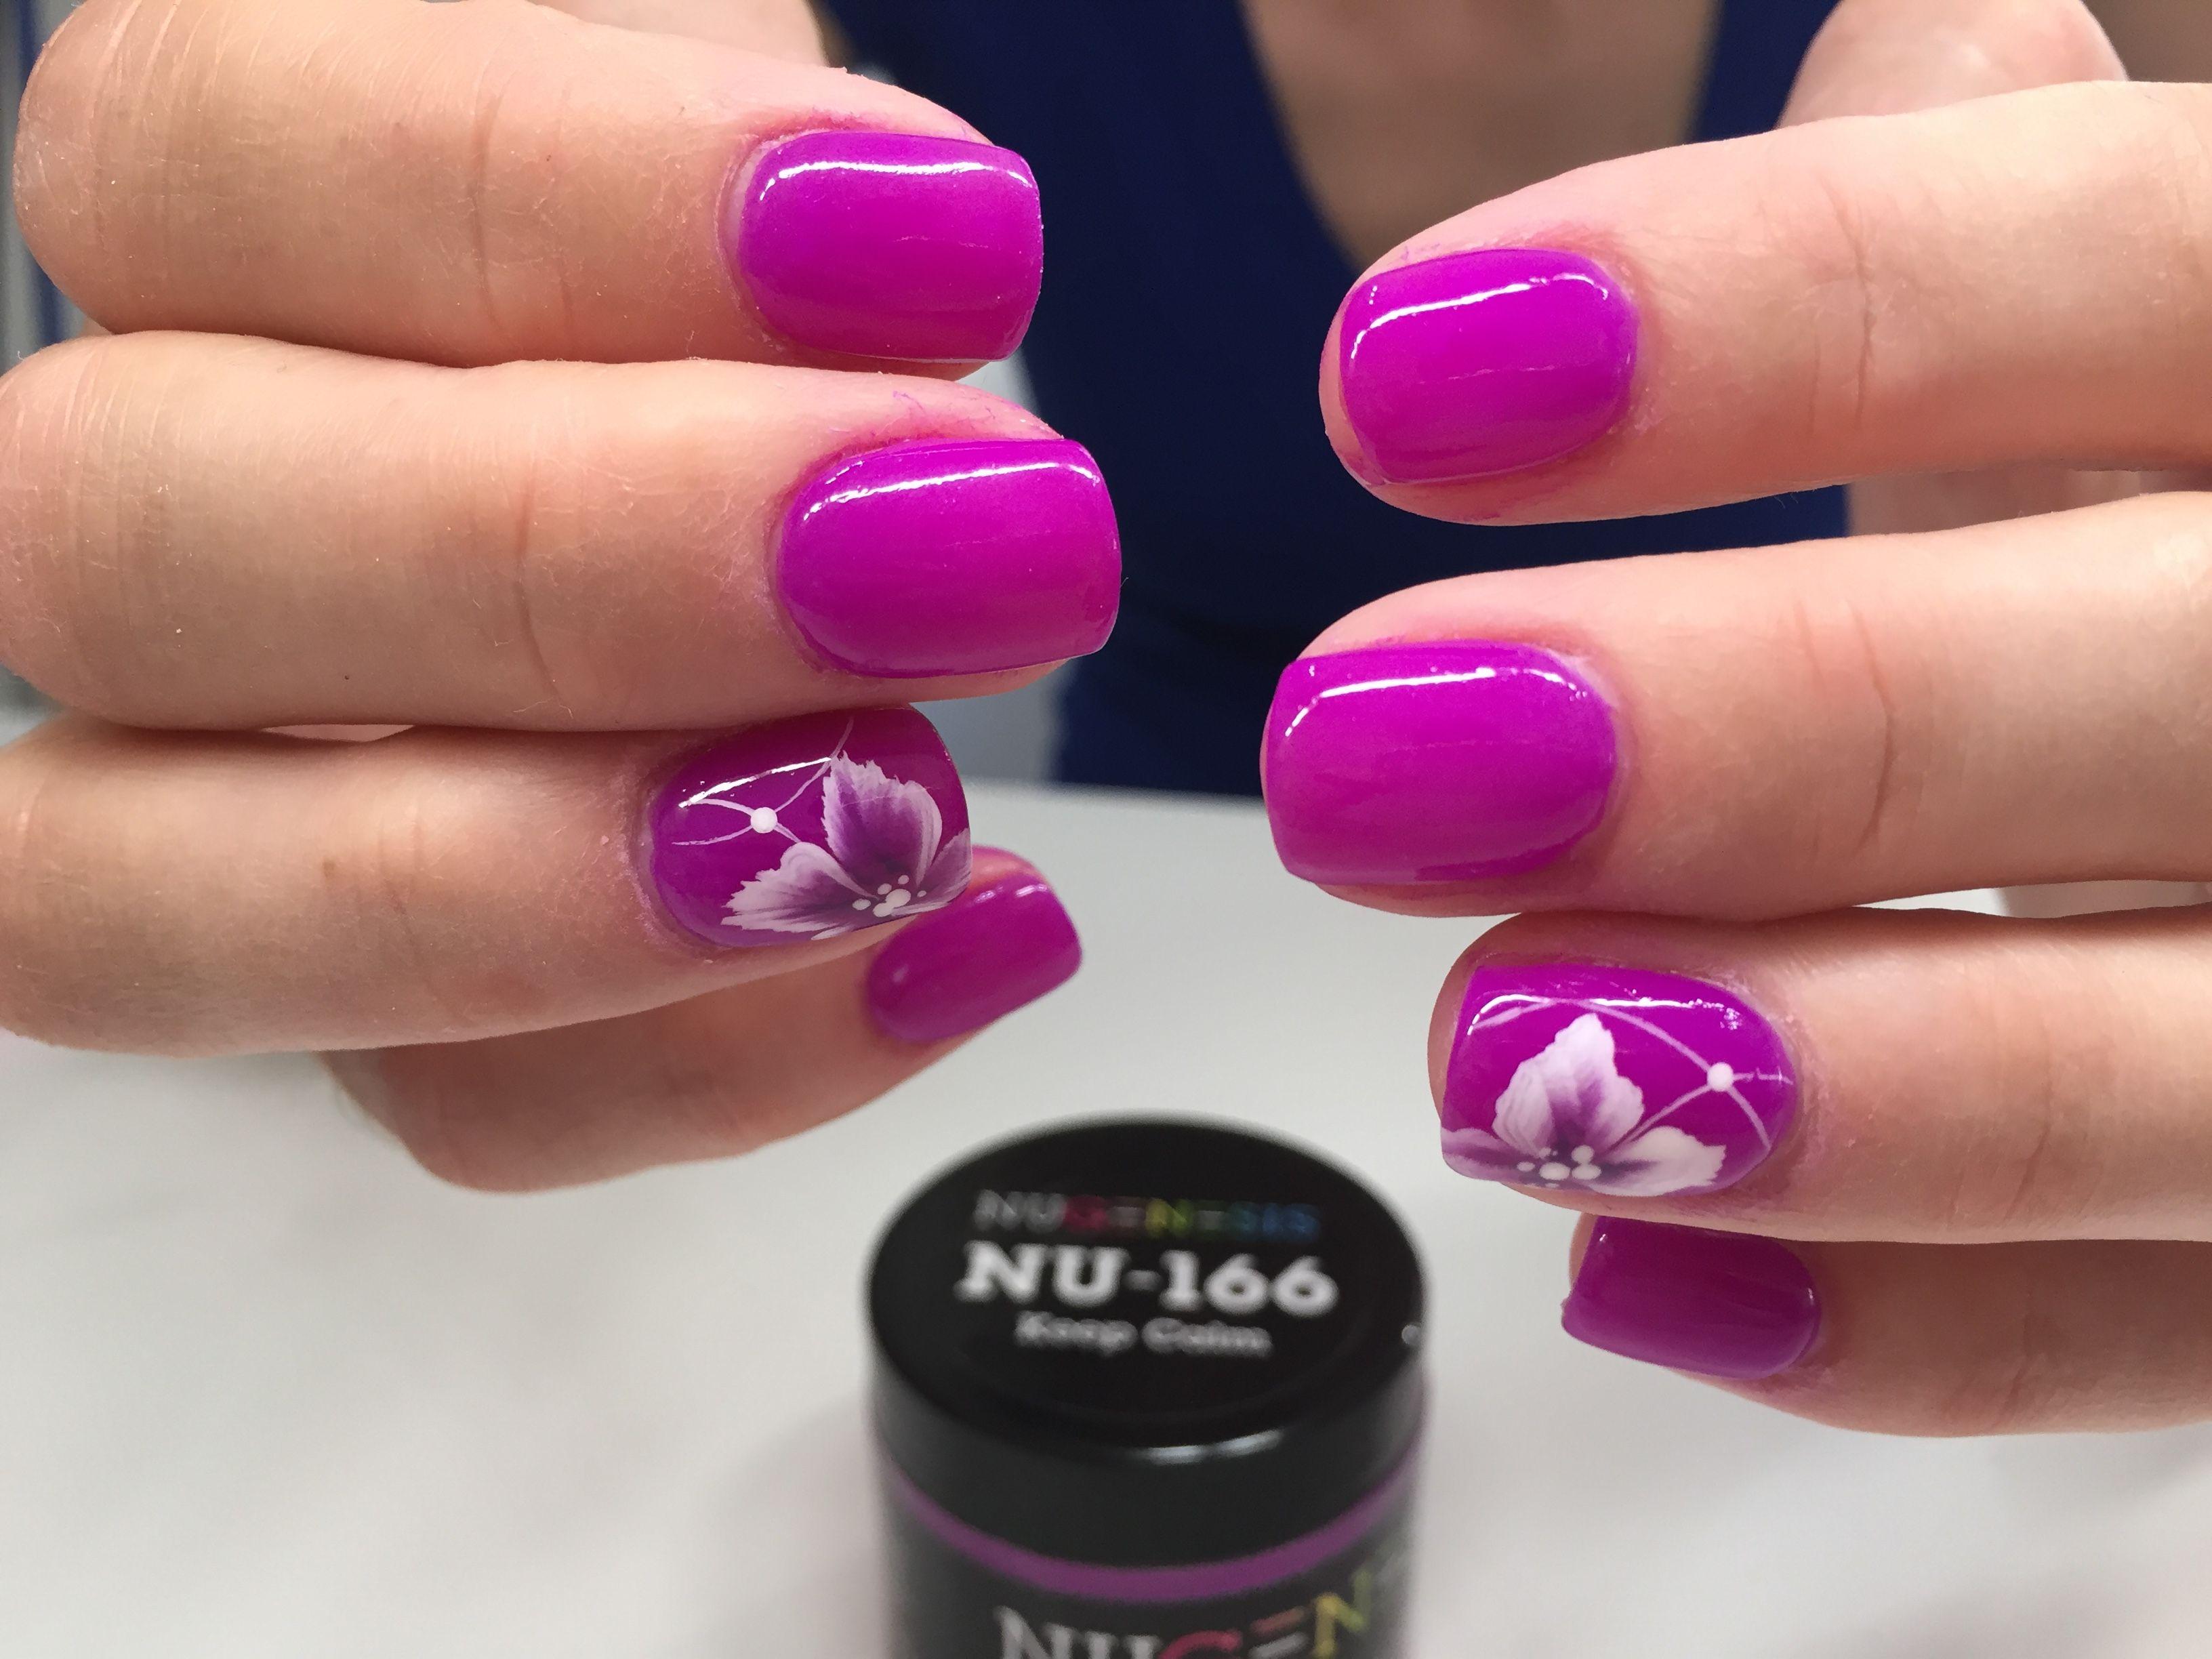 Pin By Bibiana Vargova On Nugenesis Nails Slovakia